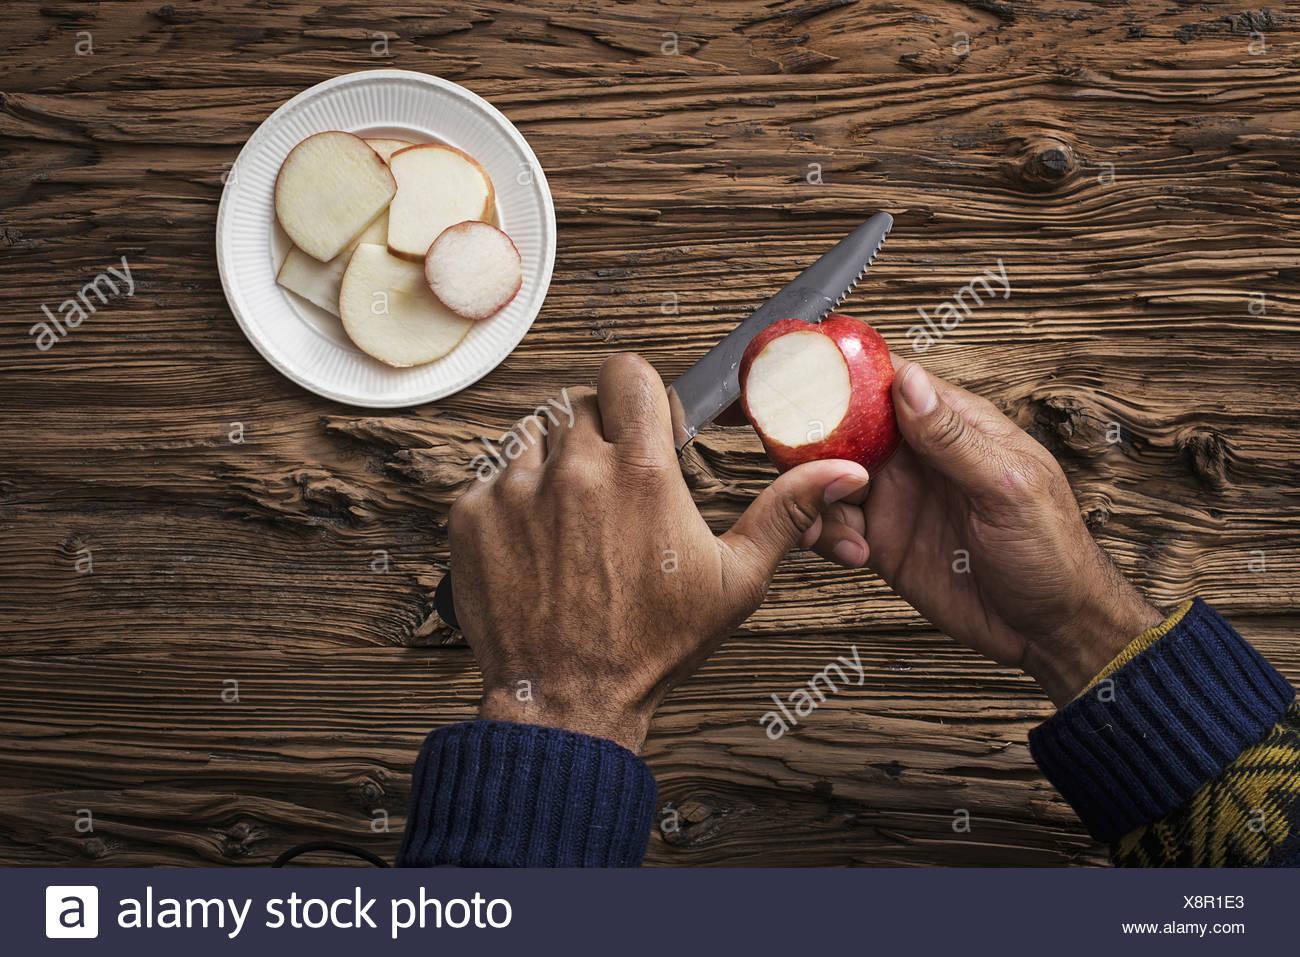 Eine Person hält und schneiden Abschnitte eines roten Apfels gehäutet Stockbild